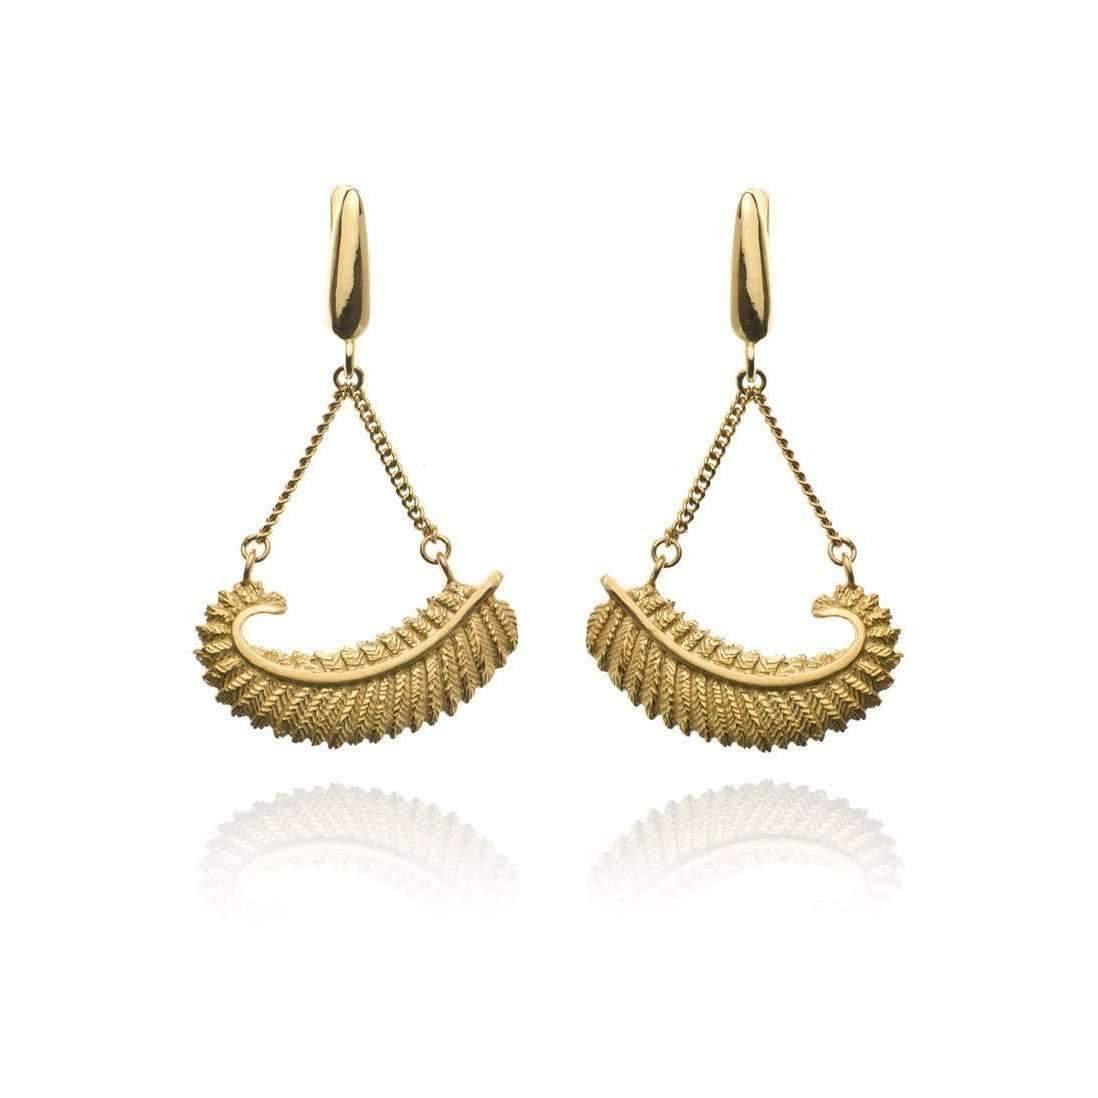 Patience Jewellery Fern Chain Earrings VM qT30dBX2